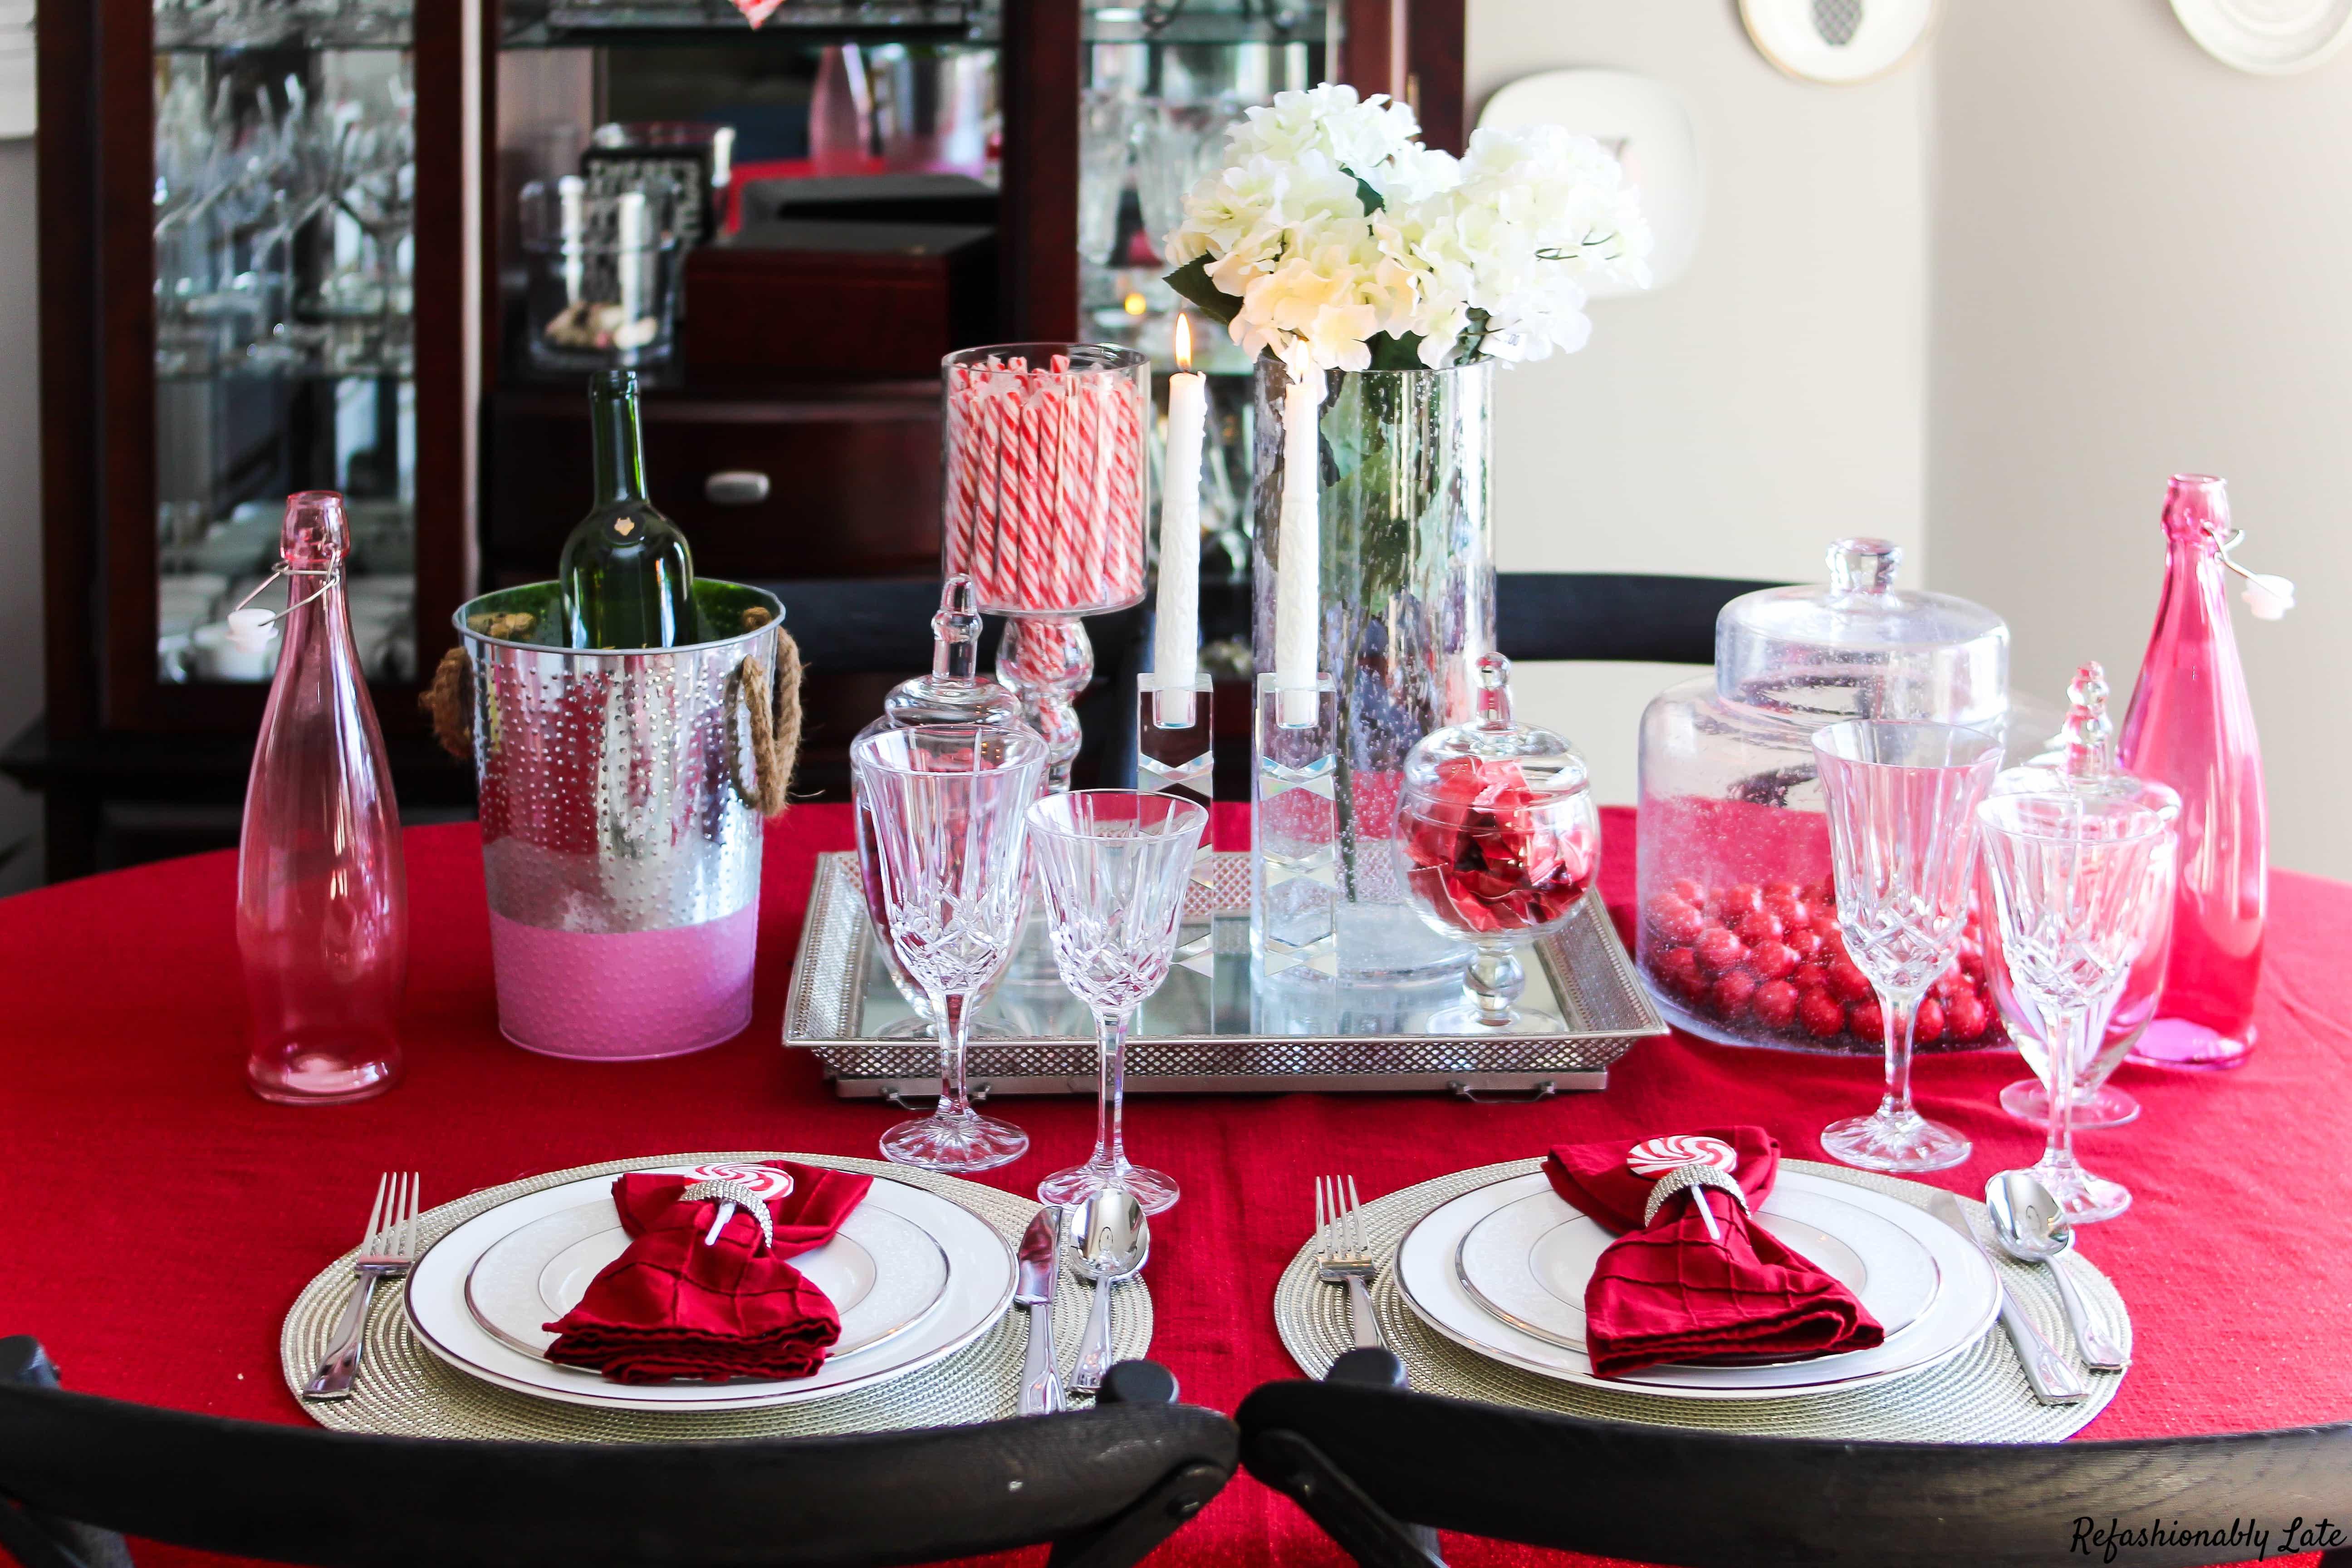 Valentine's Day Night In - www.refashionablylate.com